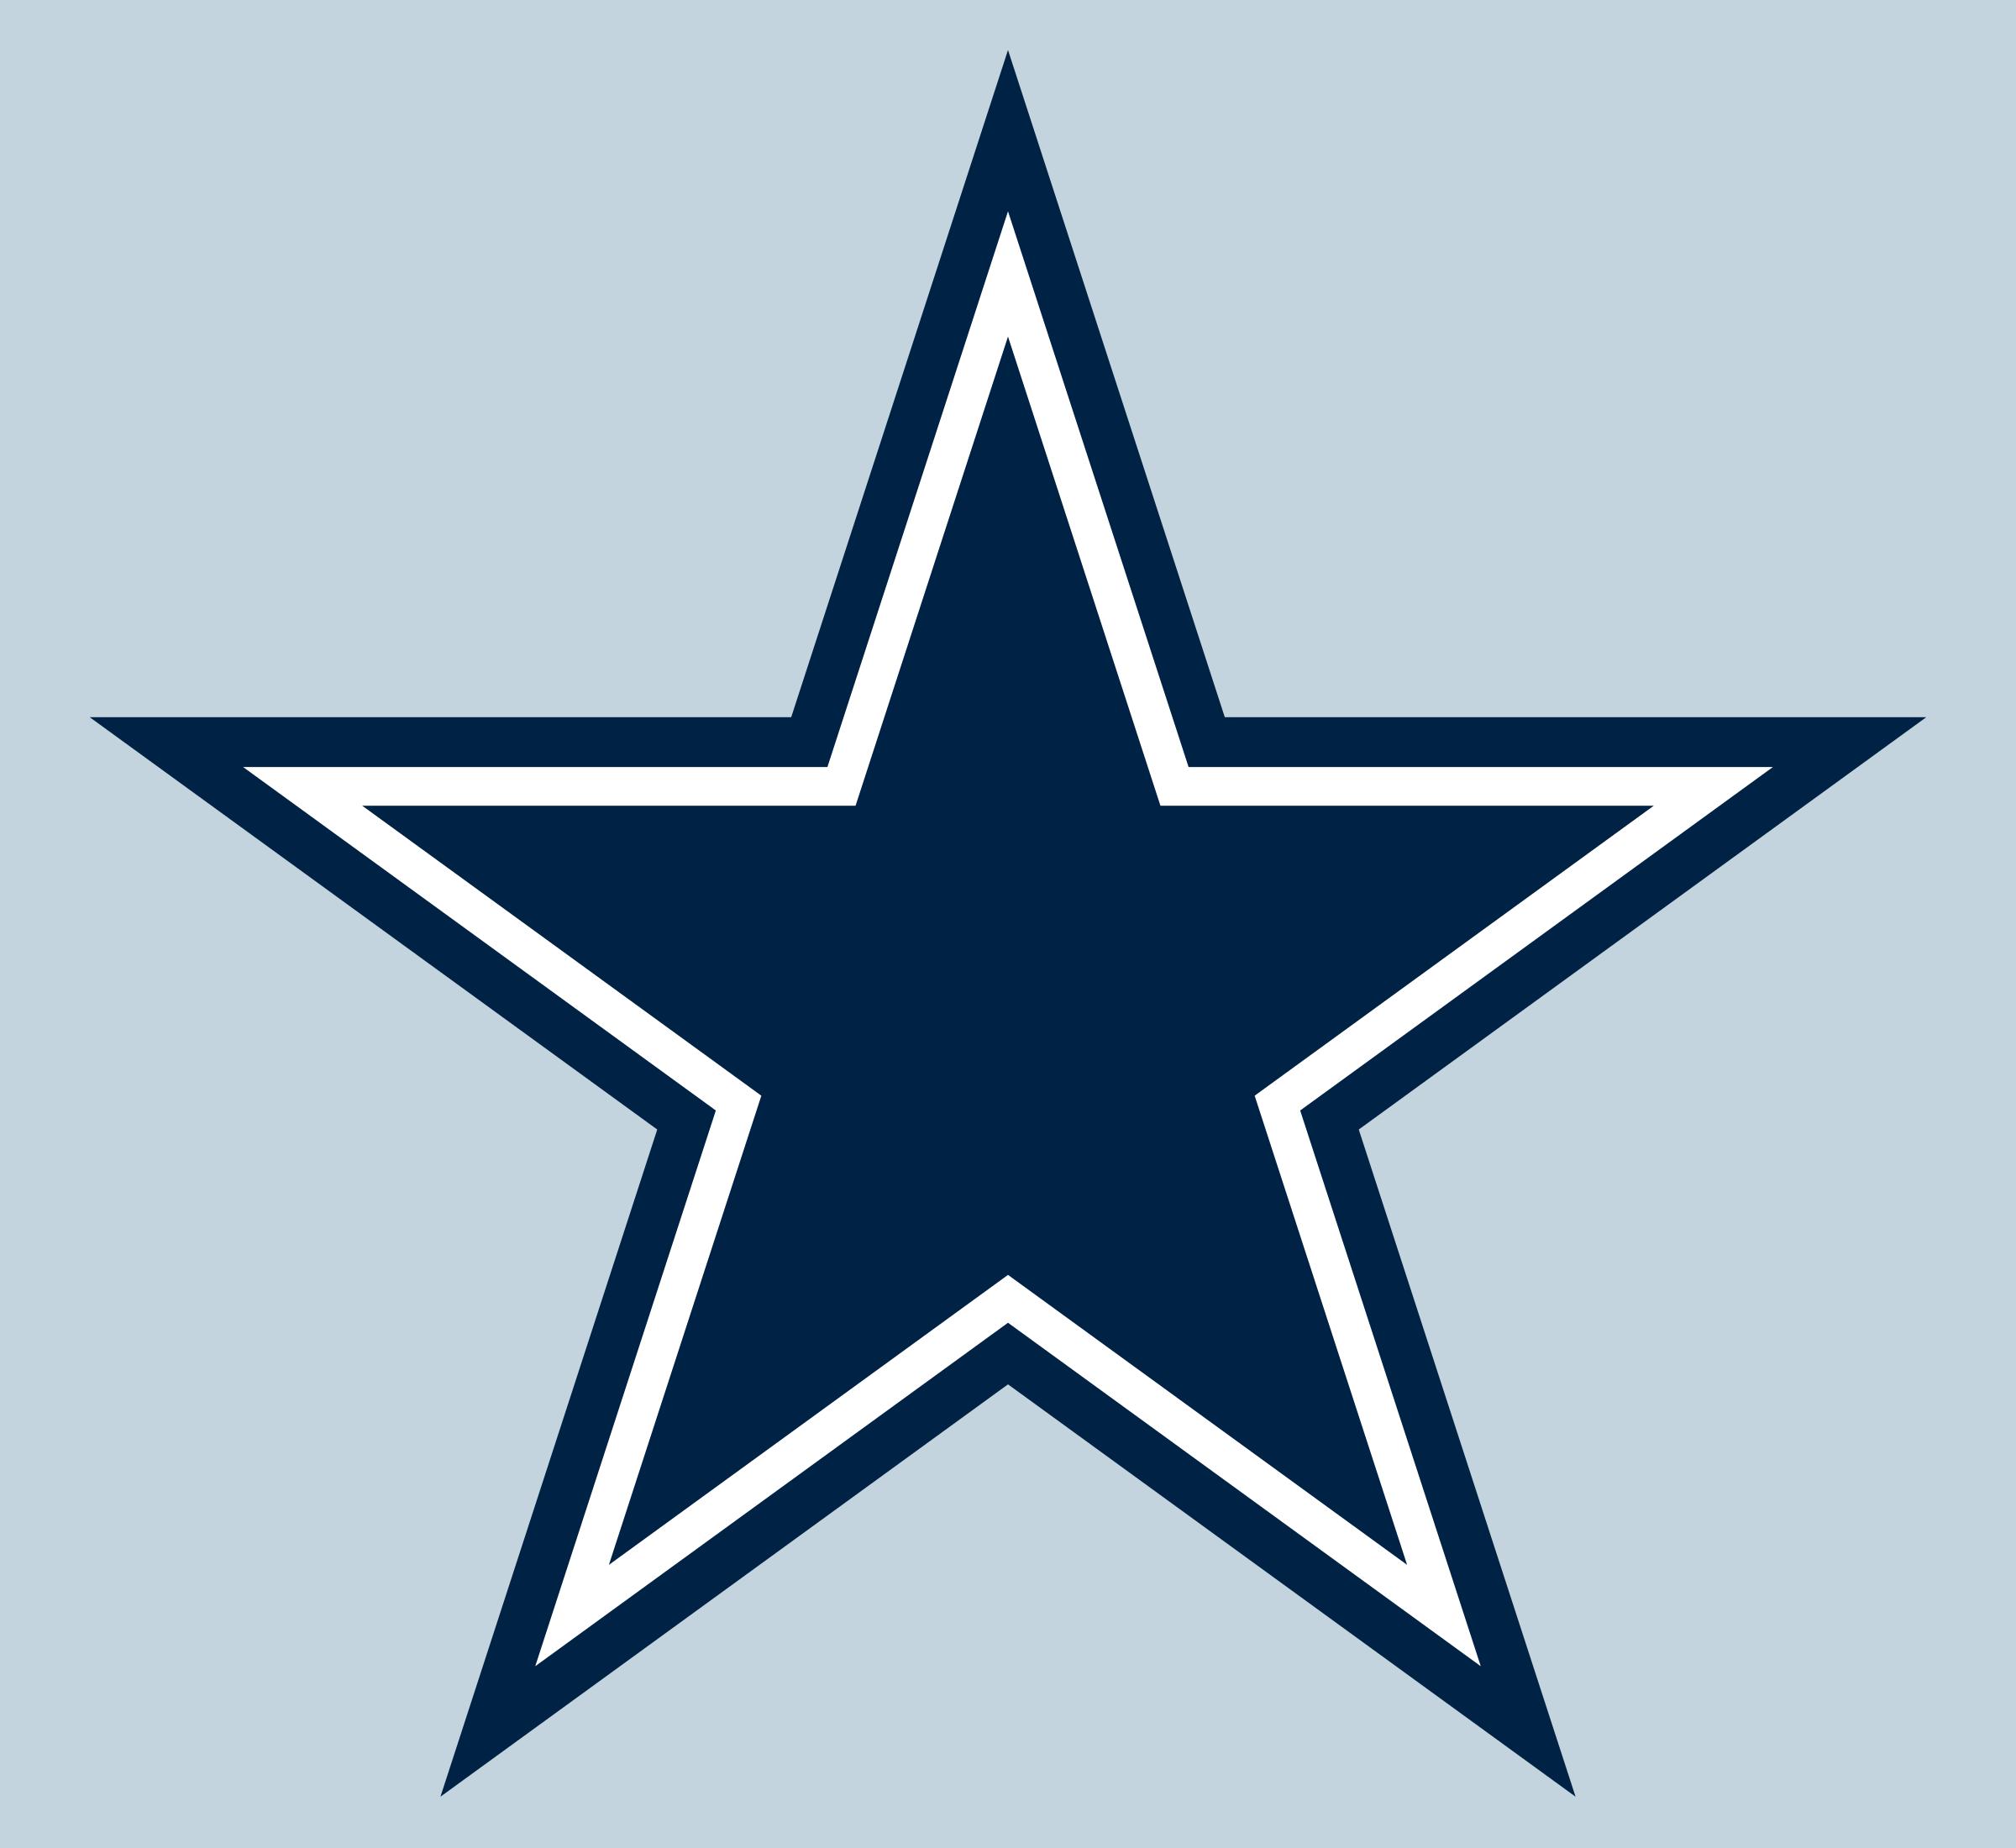 Dallas Cowboys Logo PNG Transparent & SVG Vector.